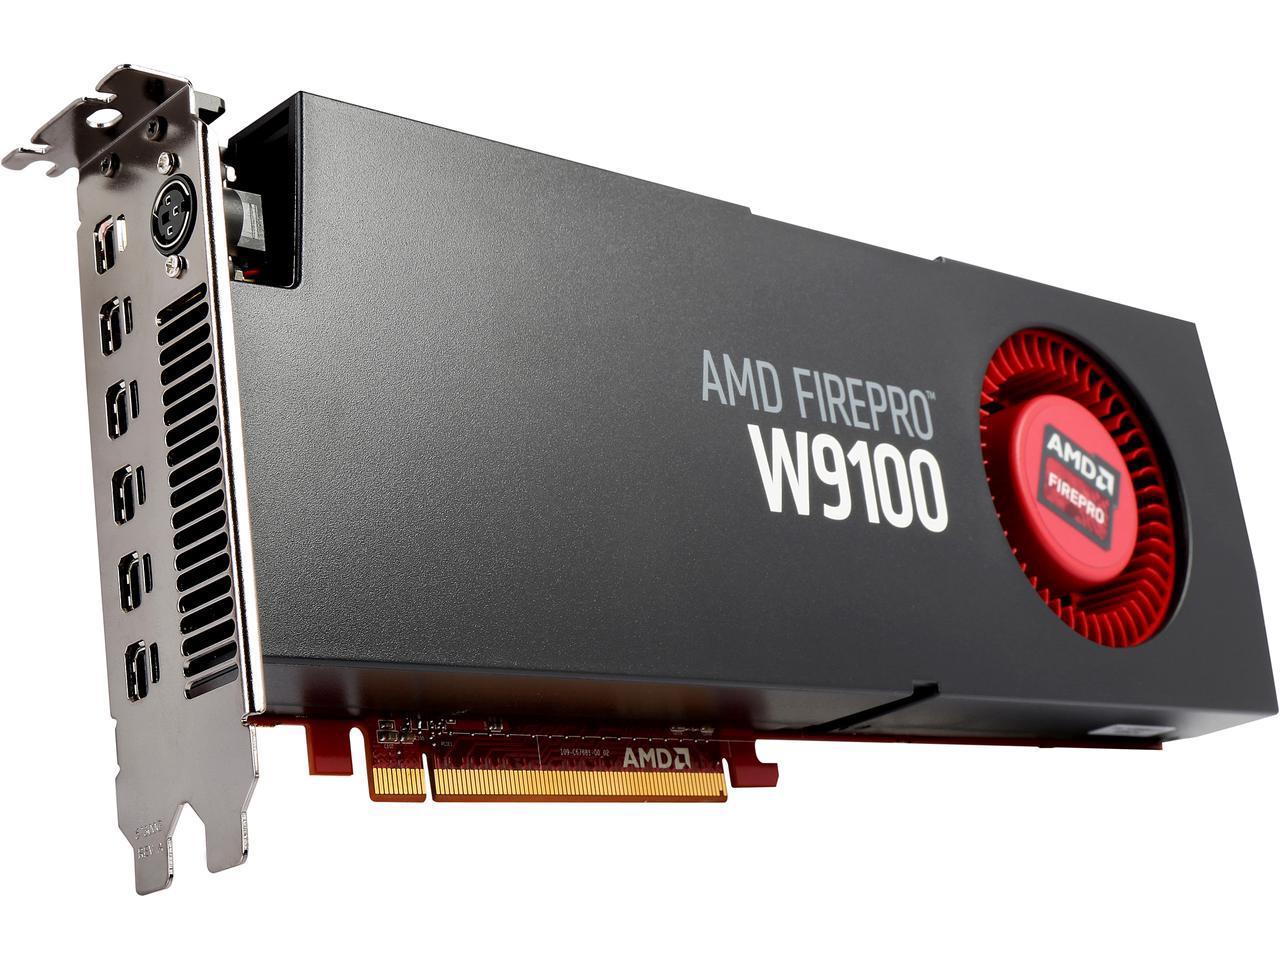 W9100 firepro